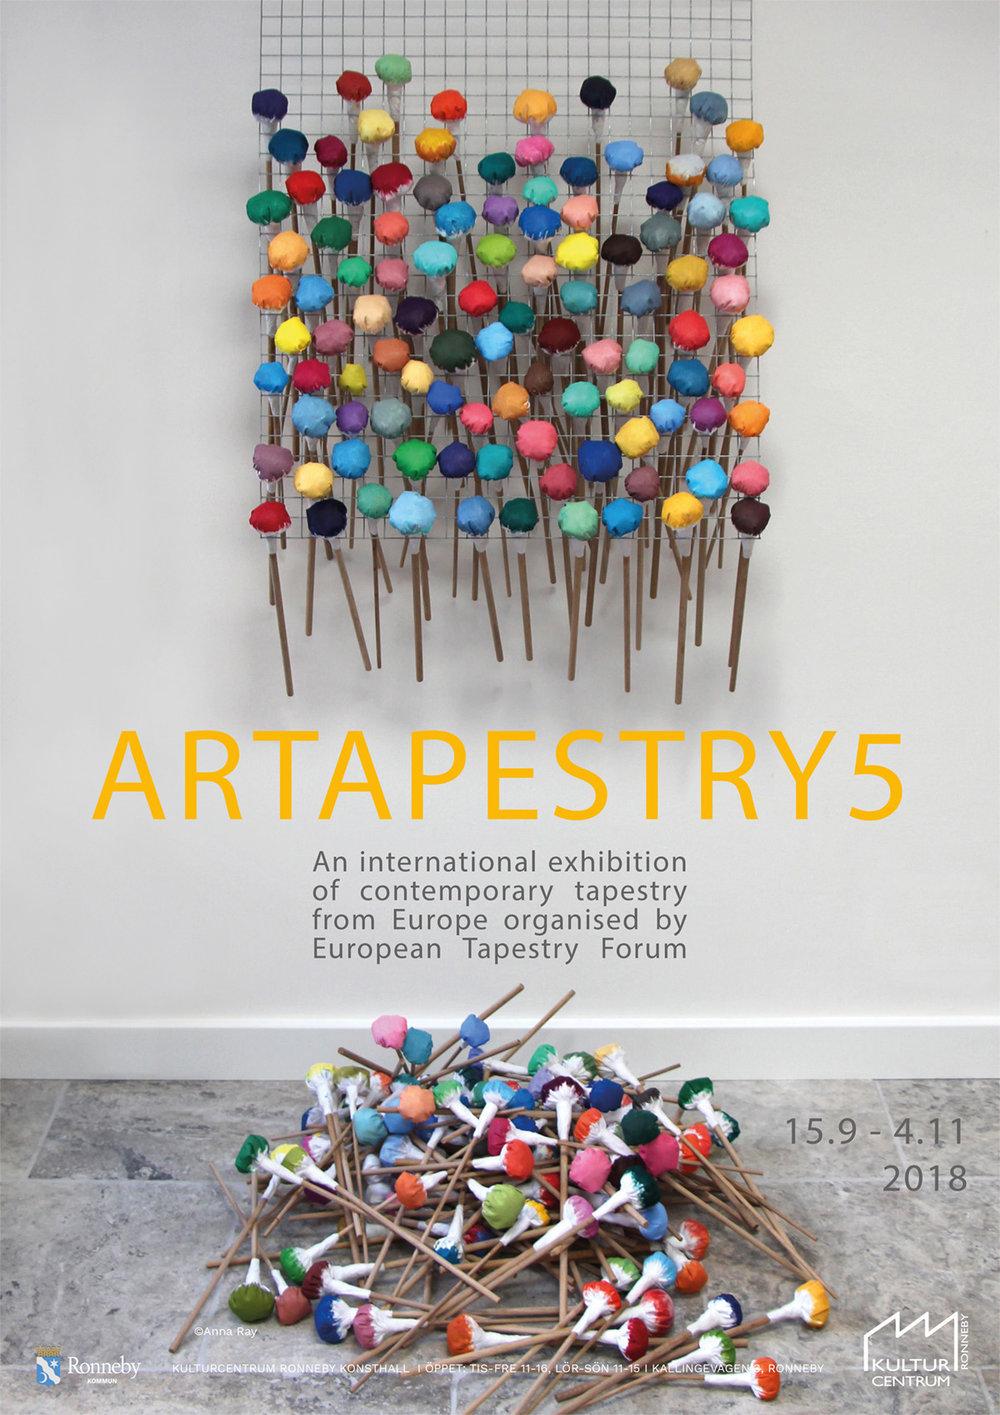 Artapestry5_Ronneby.jpg